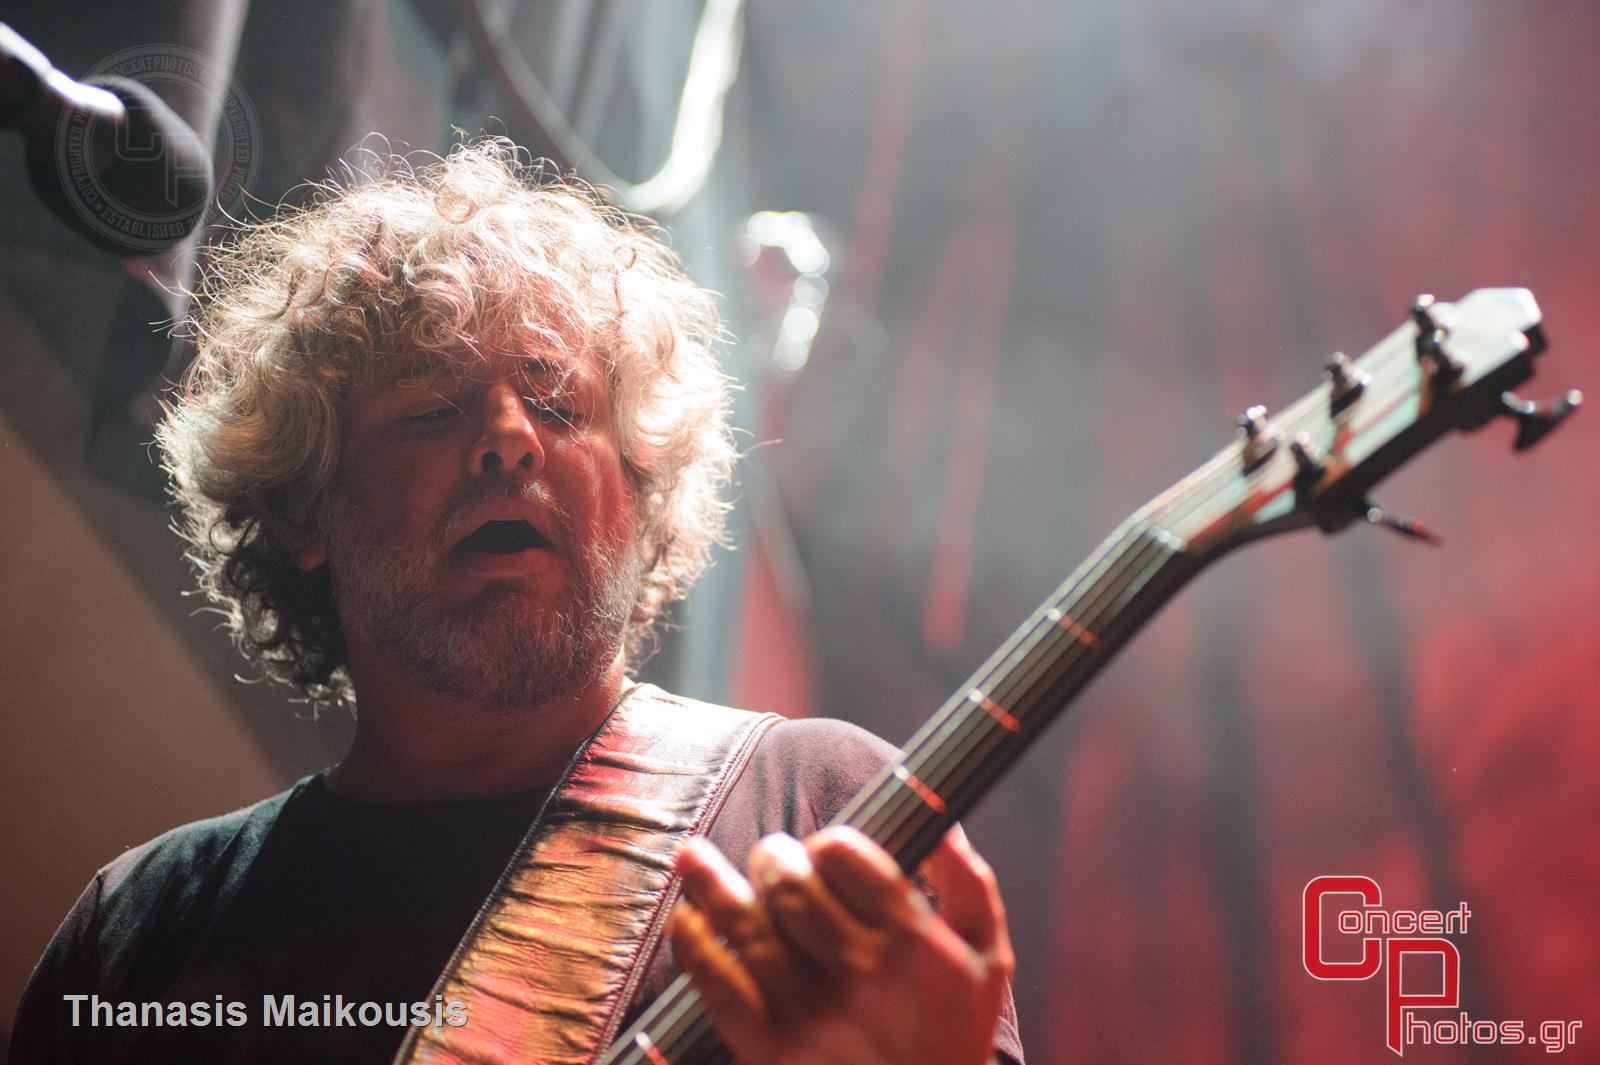 Sepultura-Sepultira photographer: Thanasis Maikousis - concertphotos_20140703_22_14_18